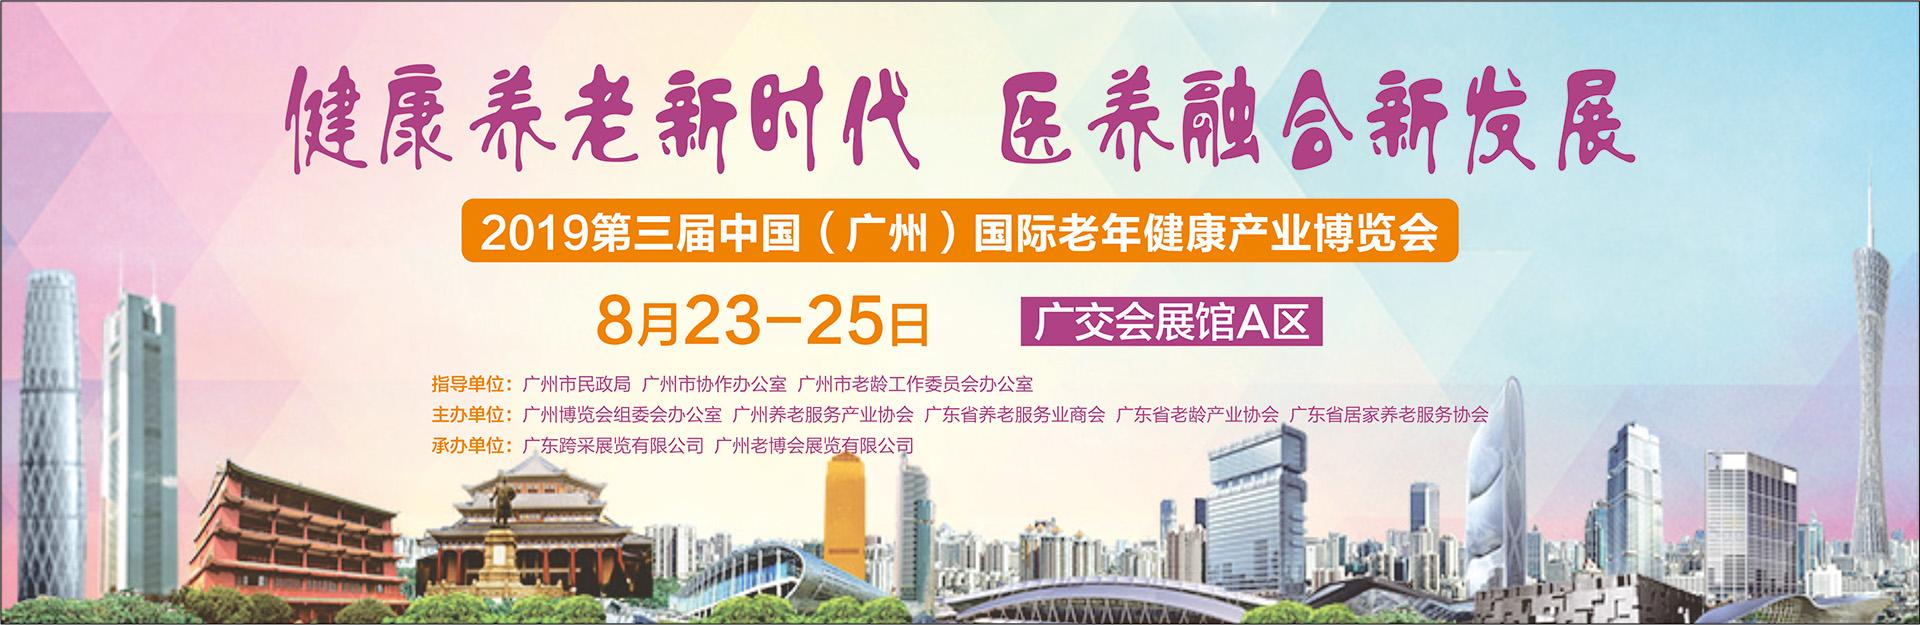 2019中国(广州)老博会